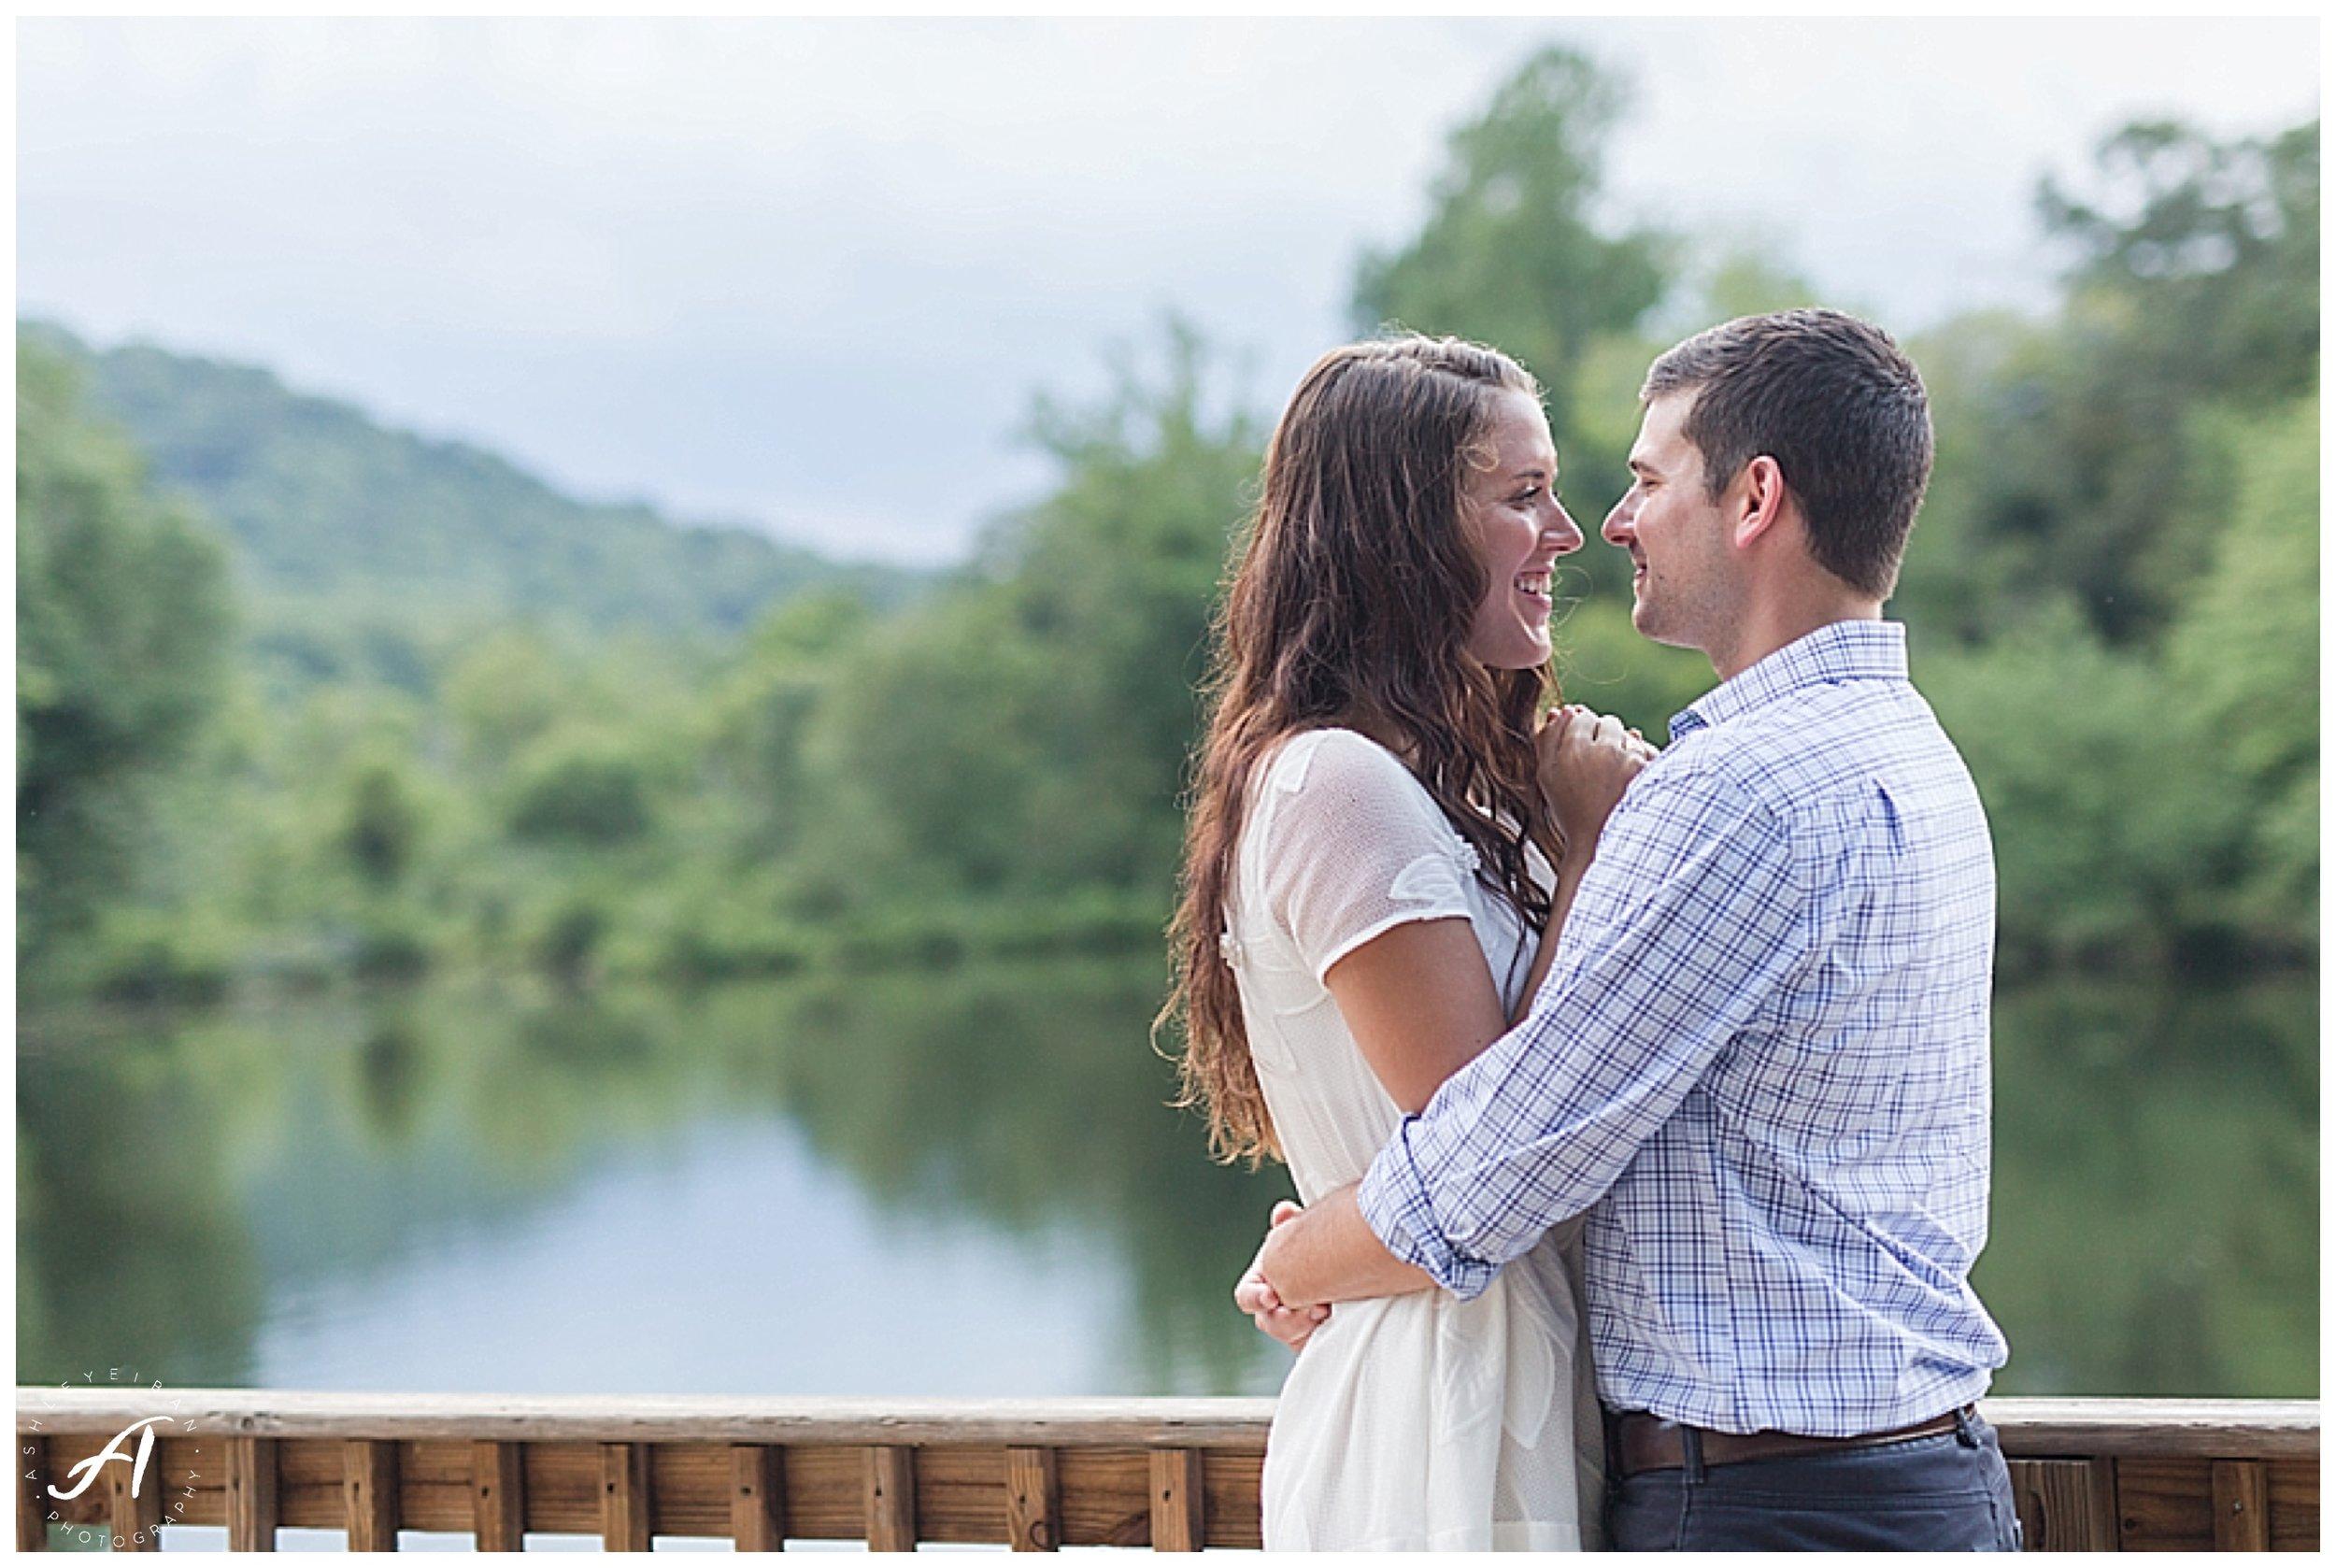 Sweet Briar College Summer Engagement Session || Lynchburg, Virginia Wedding Photographer || Ashley Eiban Photography || www.ashleyeiban.com